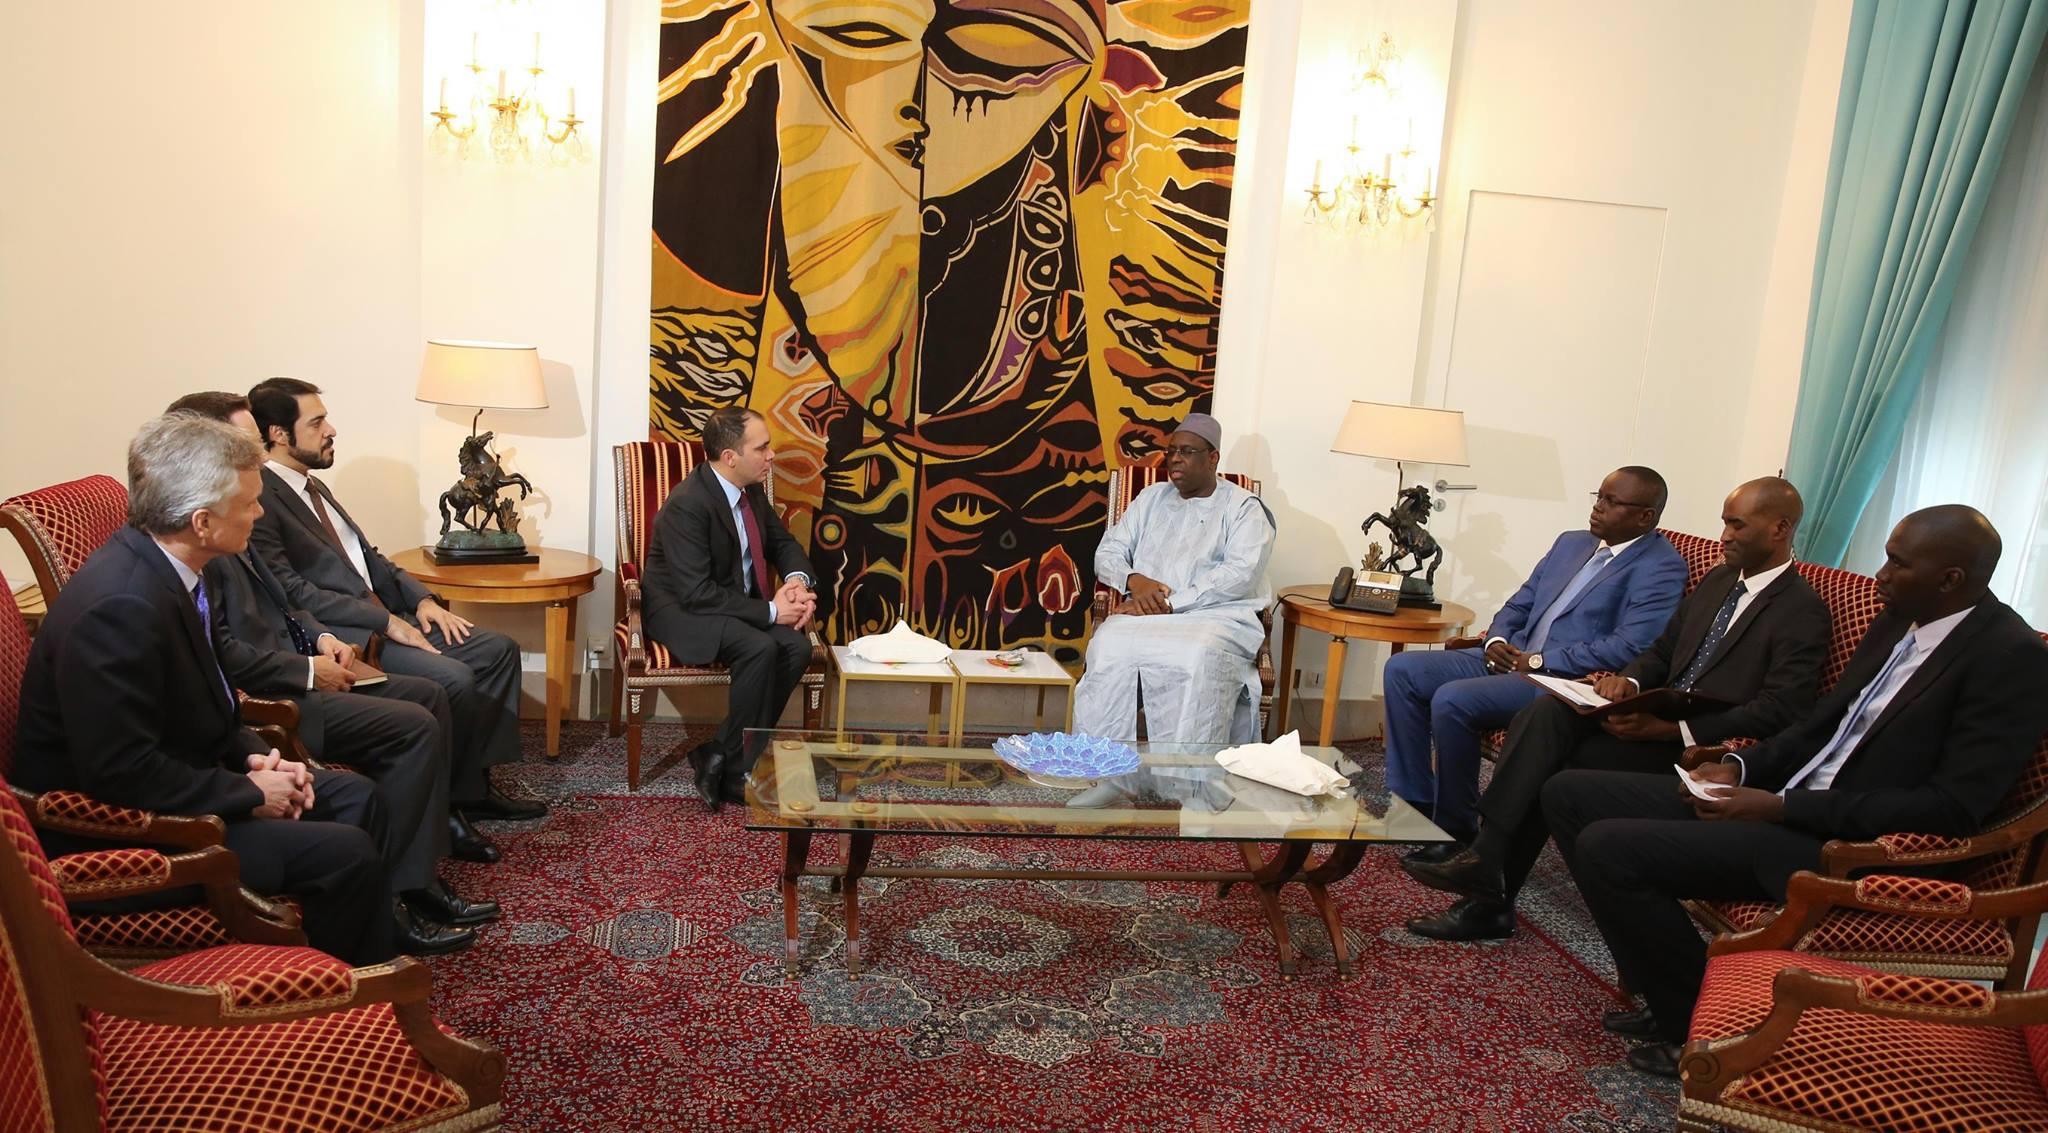 Au Sénégal depuis quelques jours, le Prince Ali reçu par le président Macky Sall